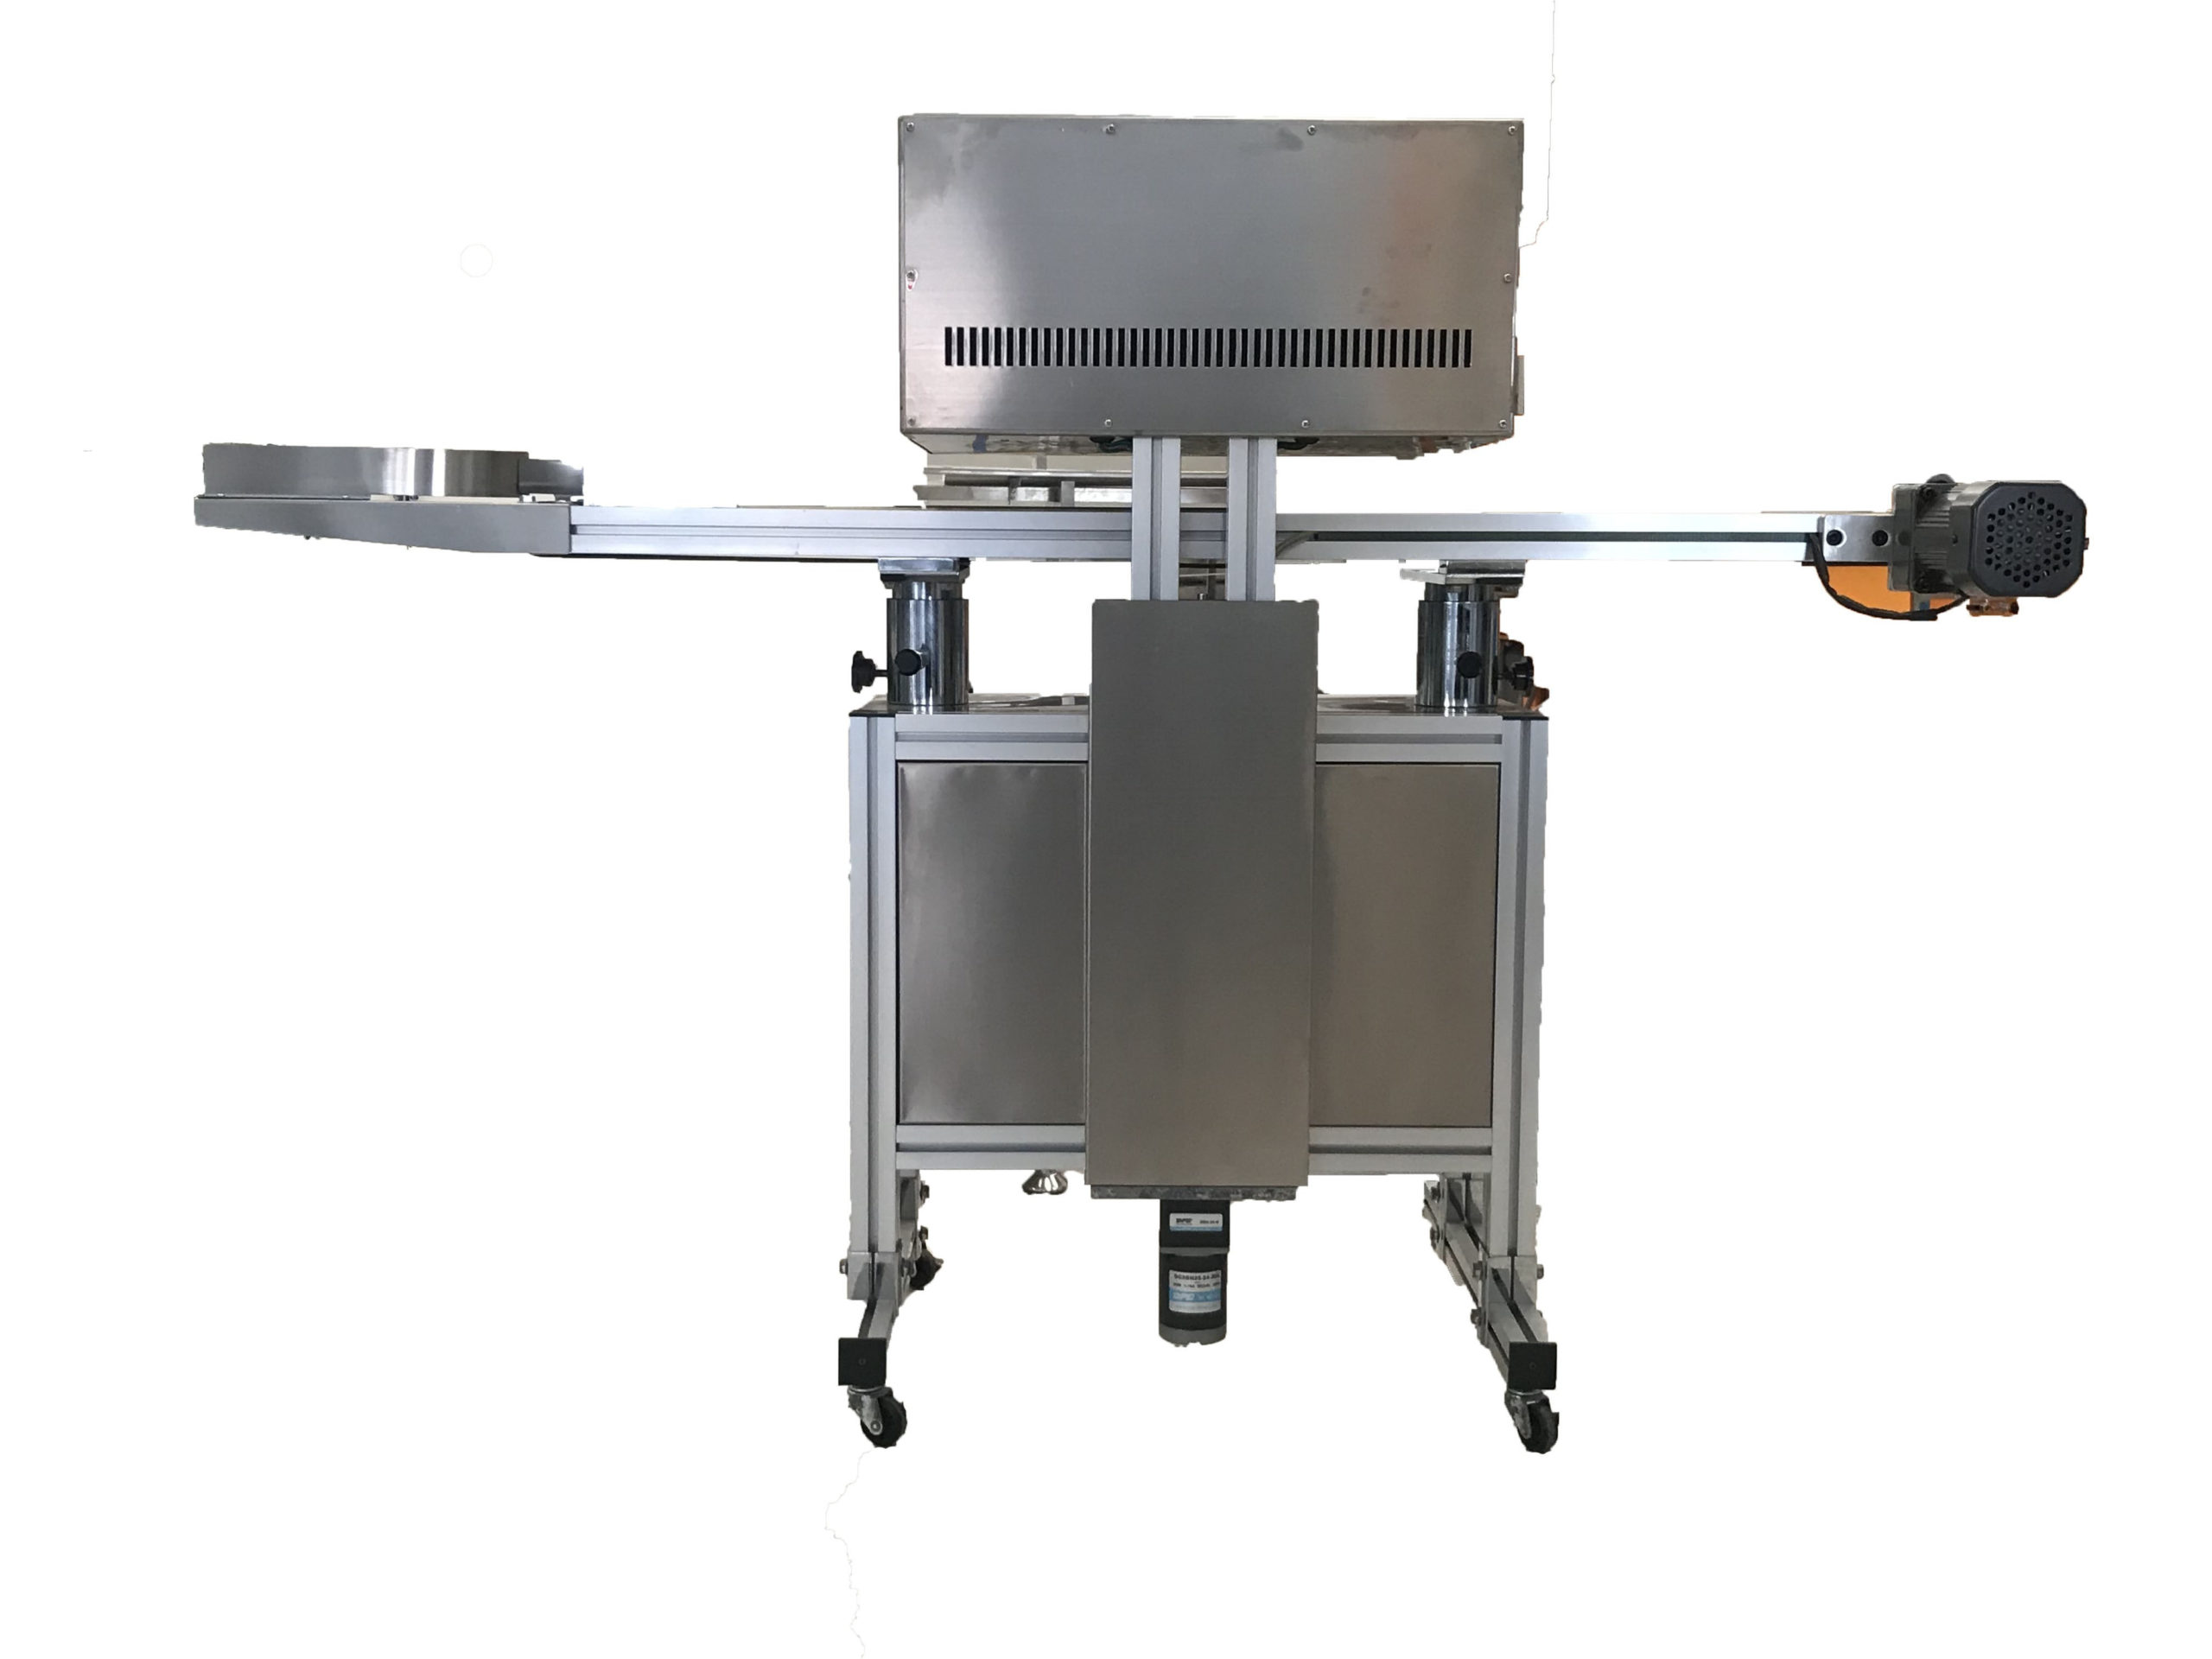 Sistema de sellado continuo de tapas de inducción con transportador de 20-130 mm - (Modelo -IND-2000-H)